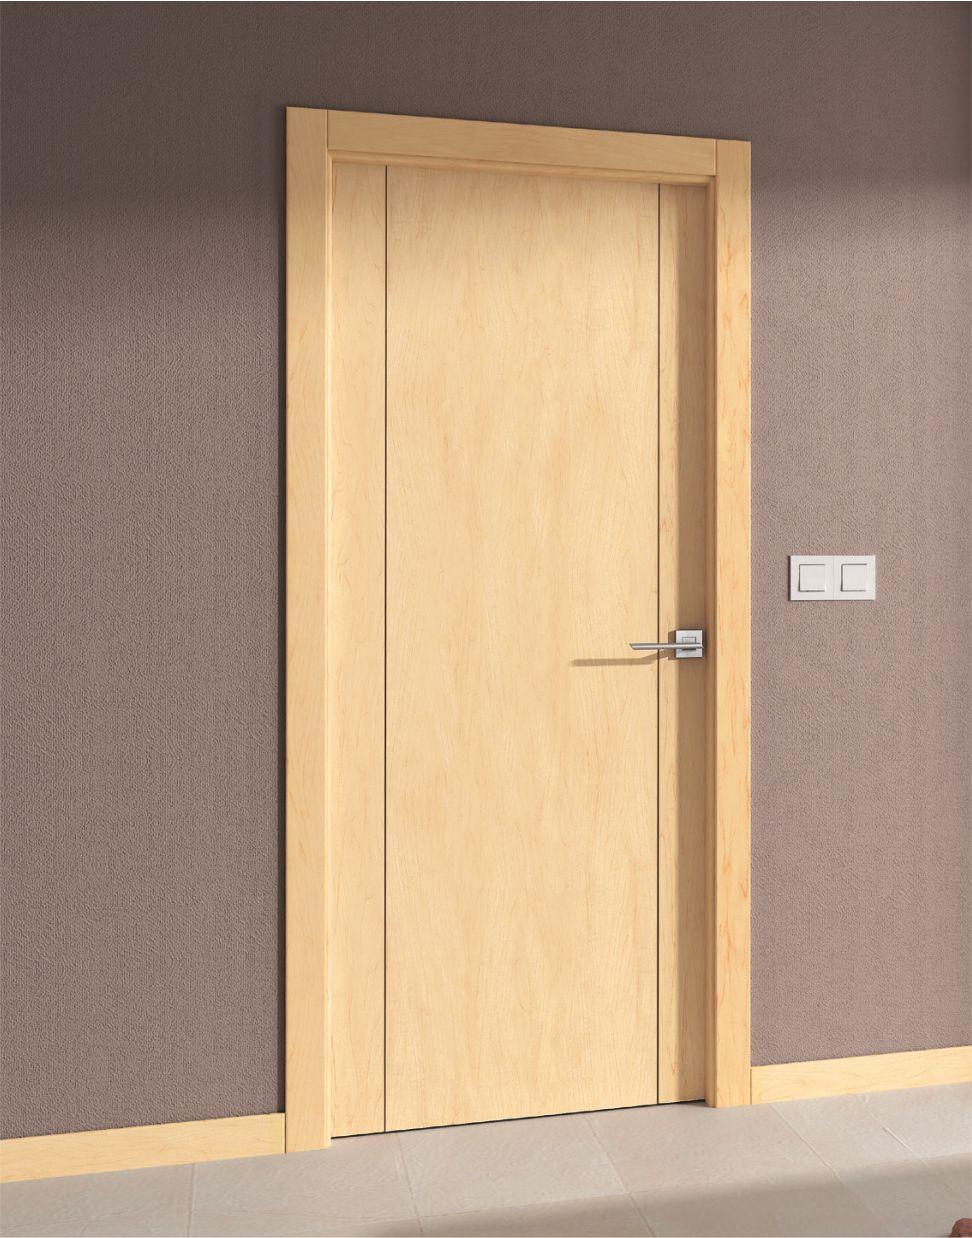 Puerta interior maple mm11 for Precio instalacion puertas interior